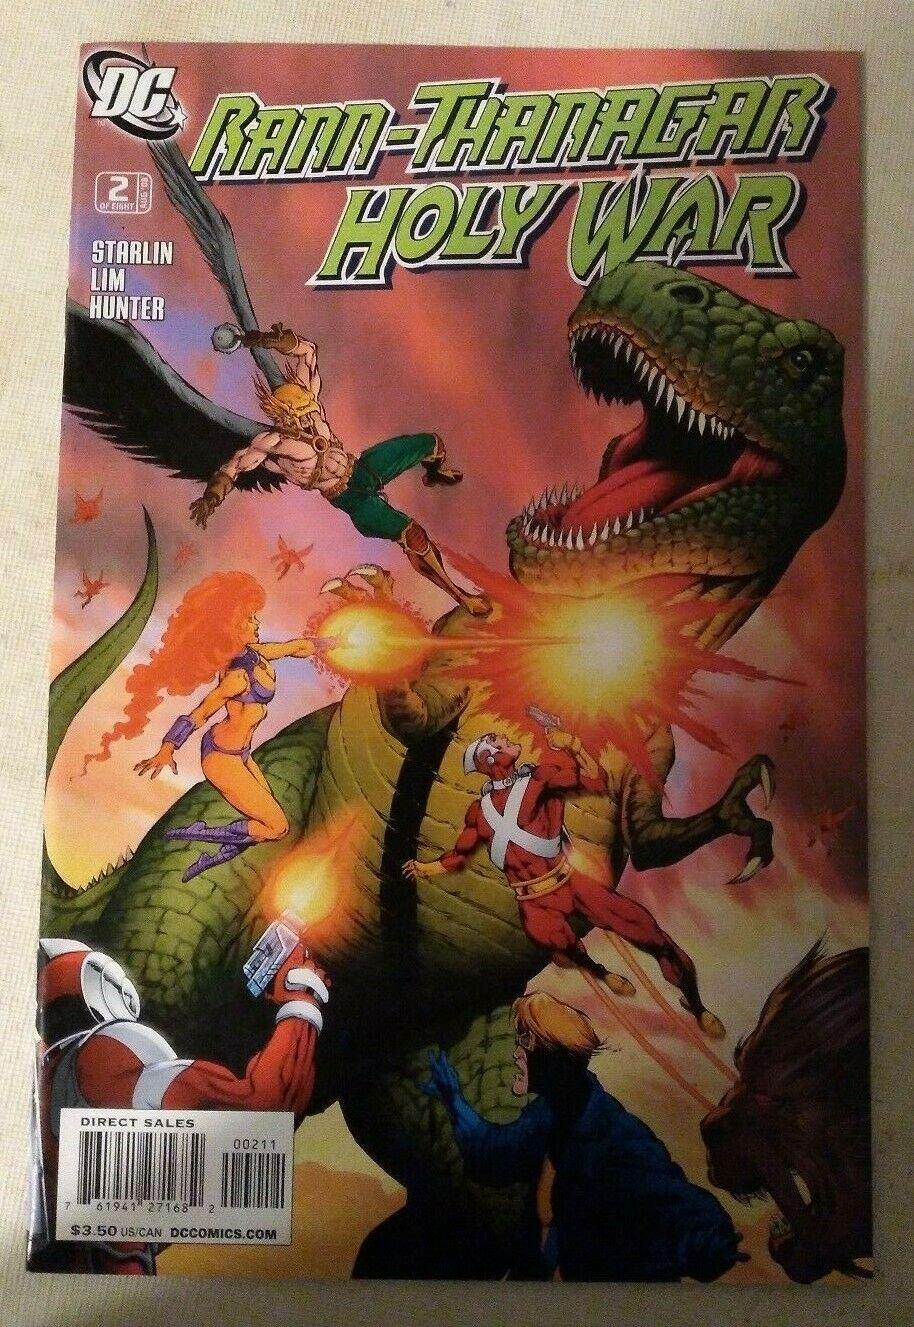 Rann-Thanagar Holy War #2 VF/NM Jim Starlin DC Comics